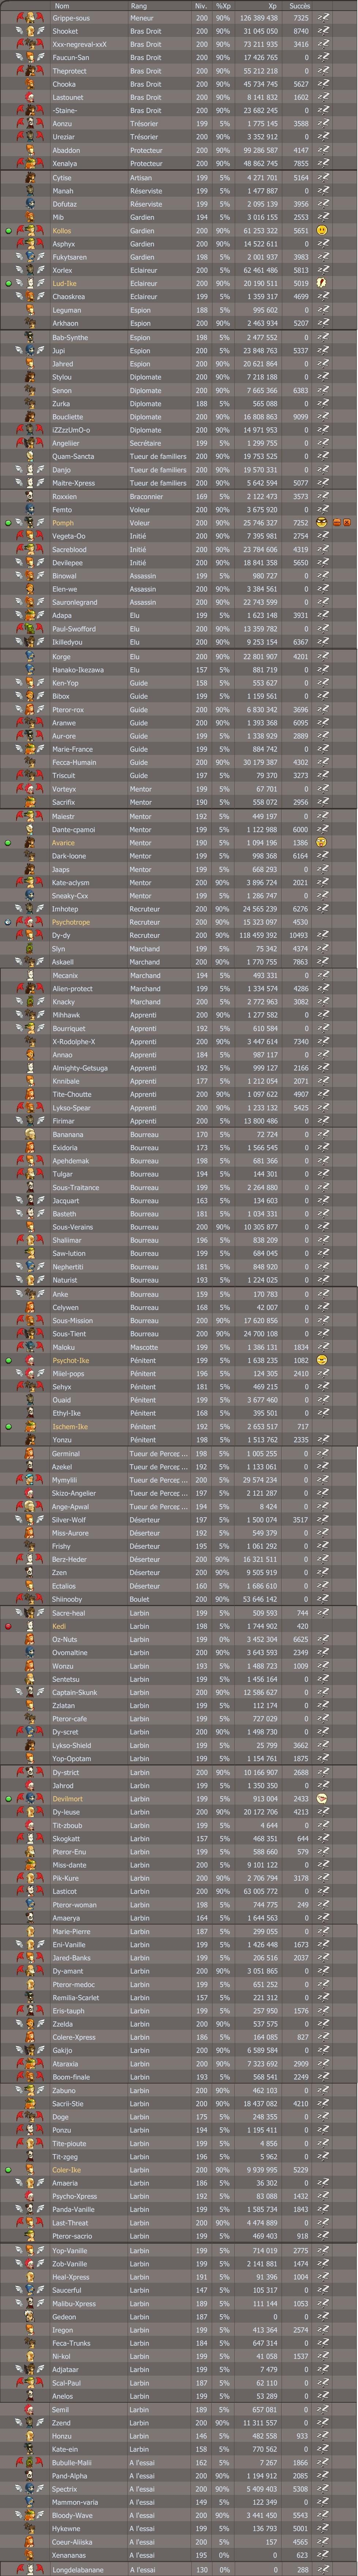 Les membres de la guilde mois après mois - Page 11 462372Part1